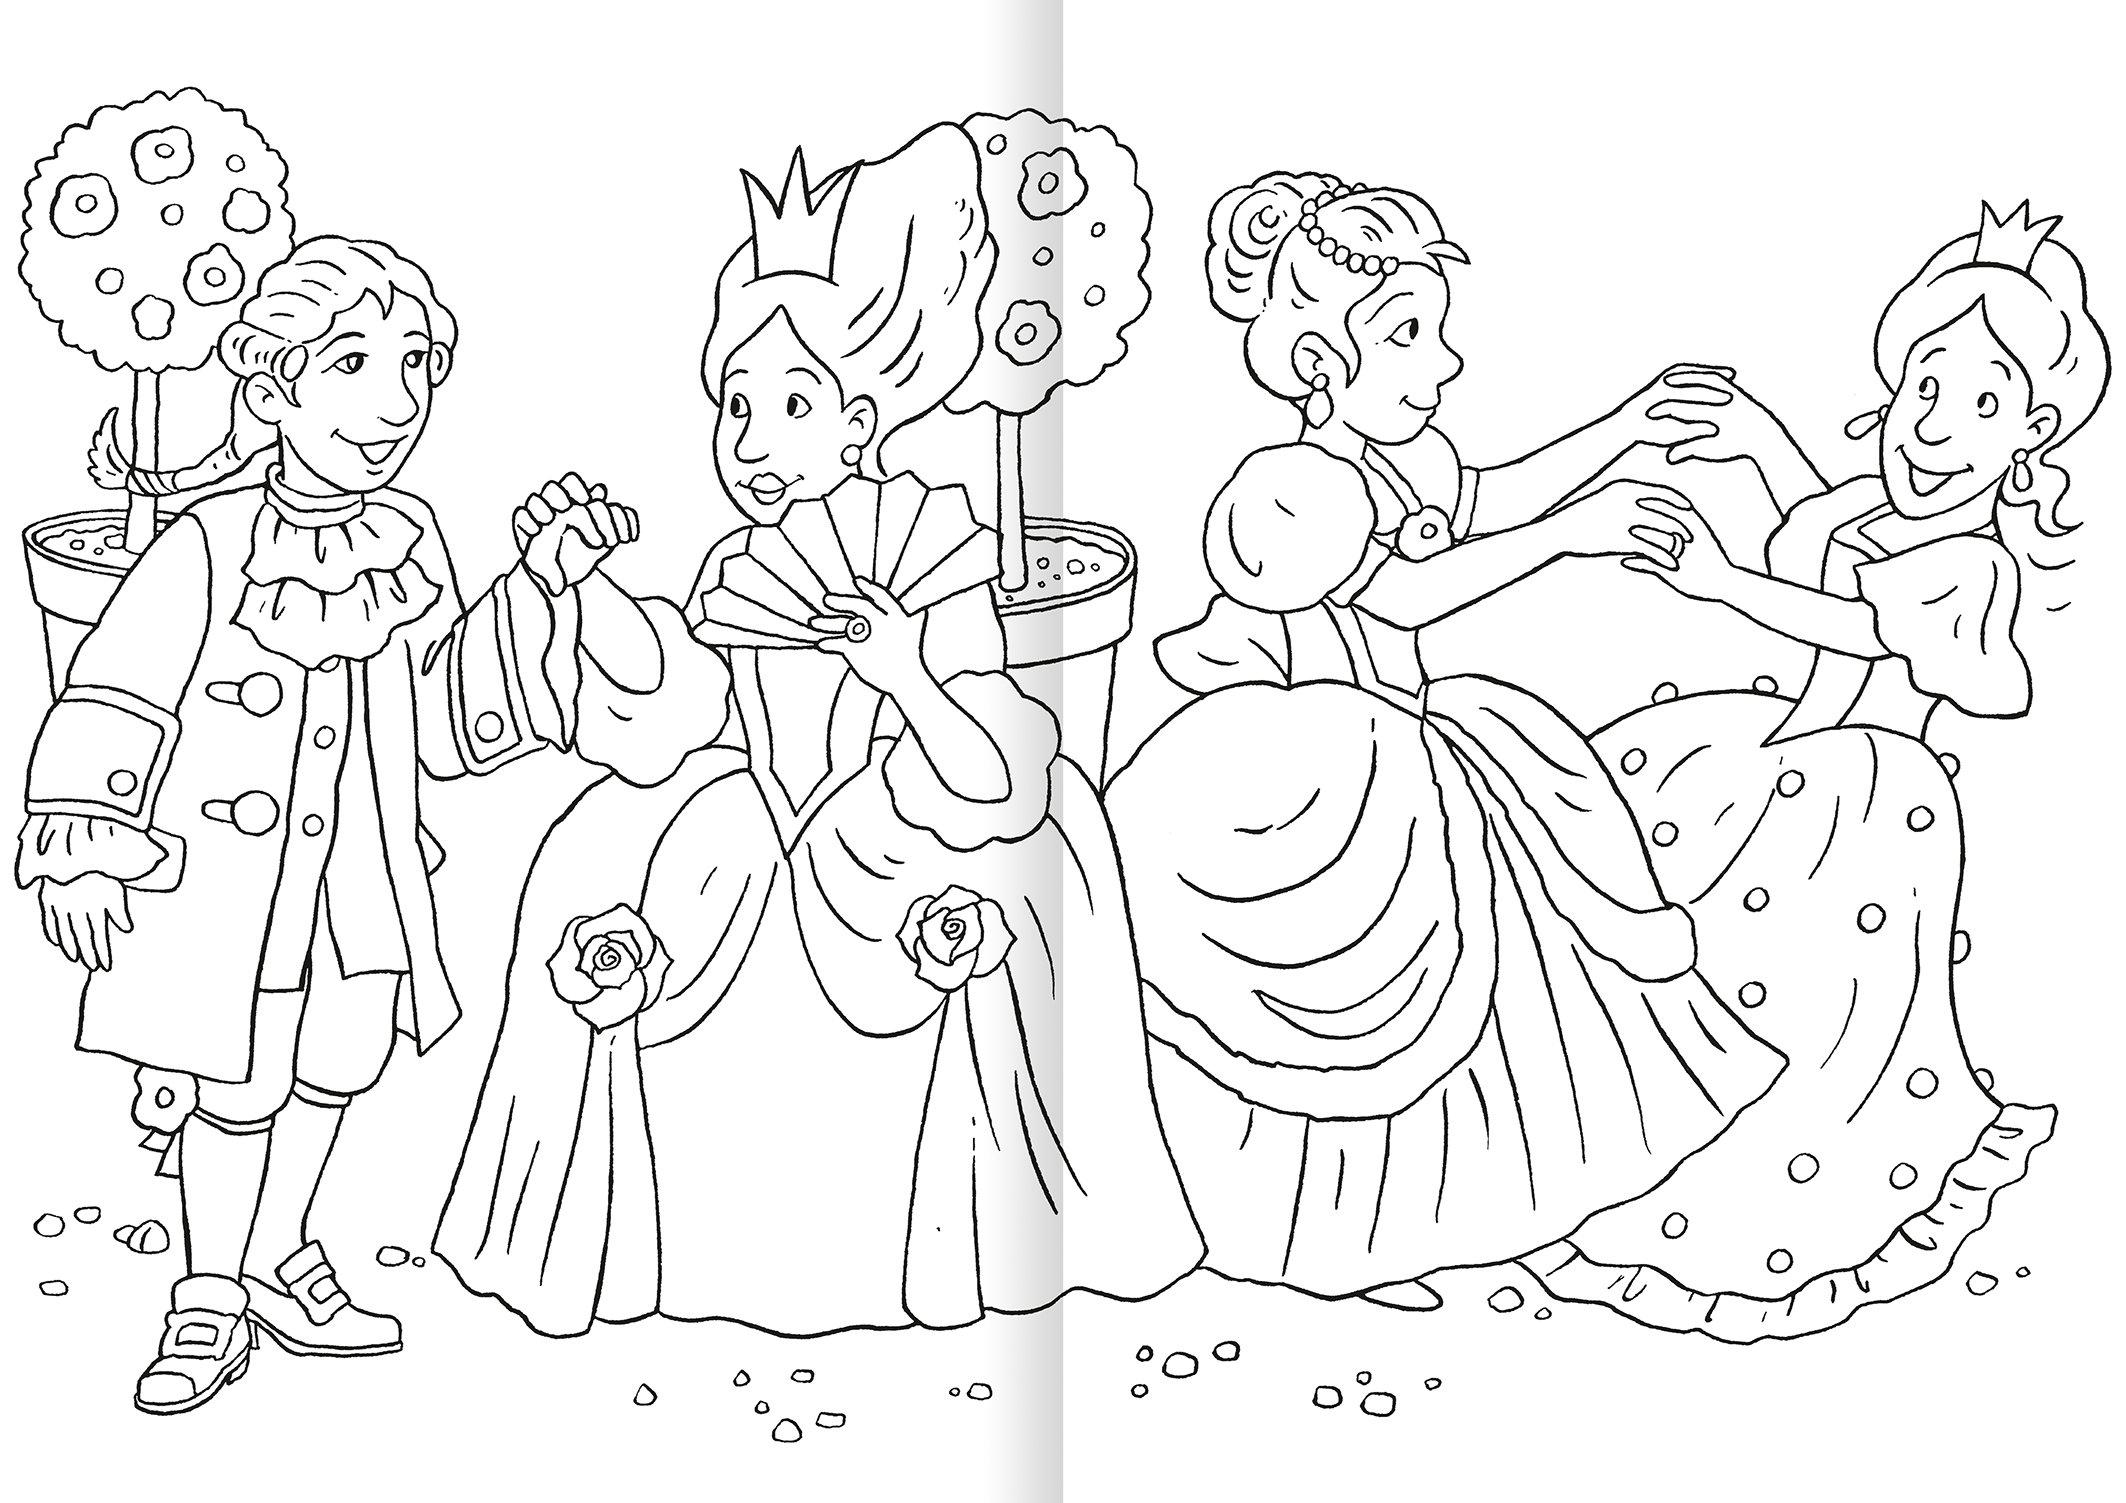 Malbuch ab 3 Jahren - Prinzessin: Amazon.de: Helge Glatzel-Poch: Bücher